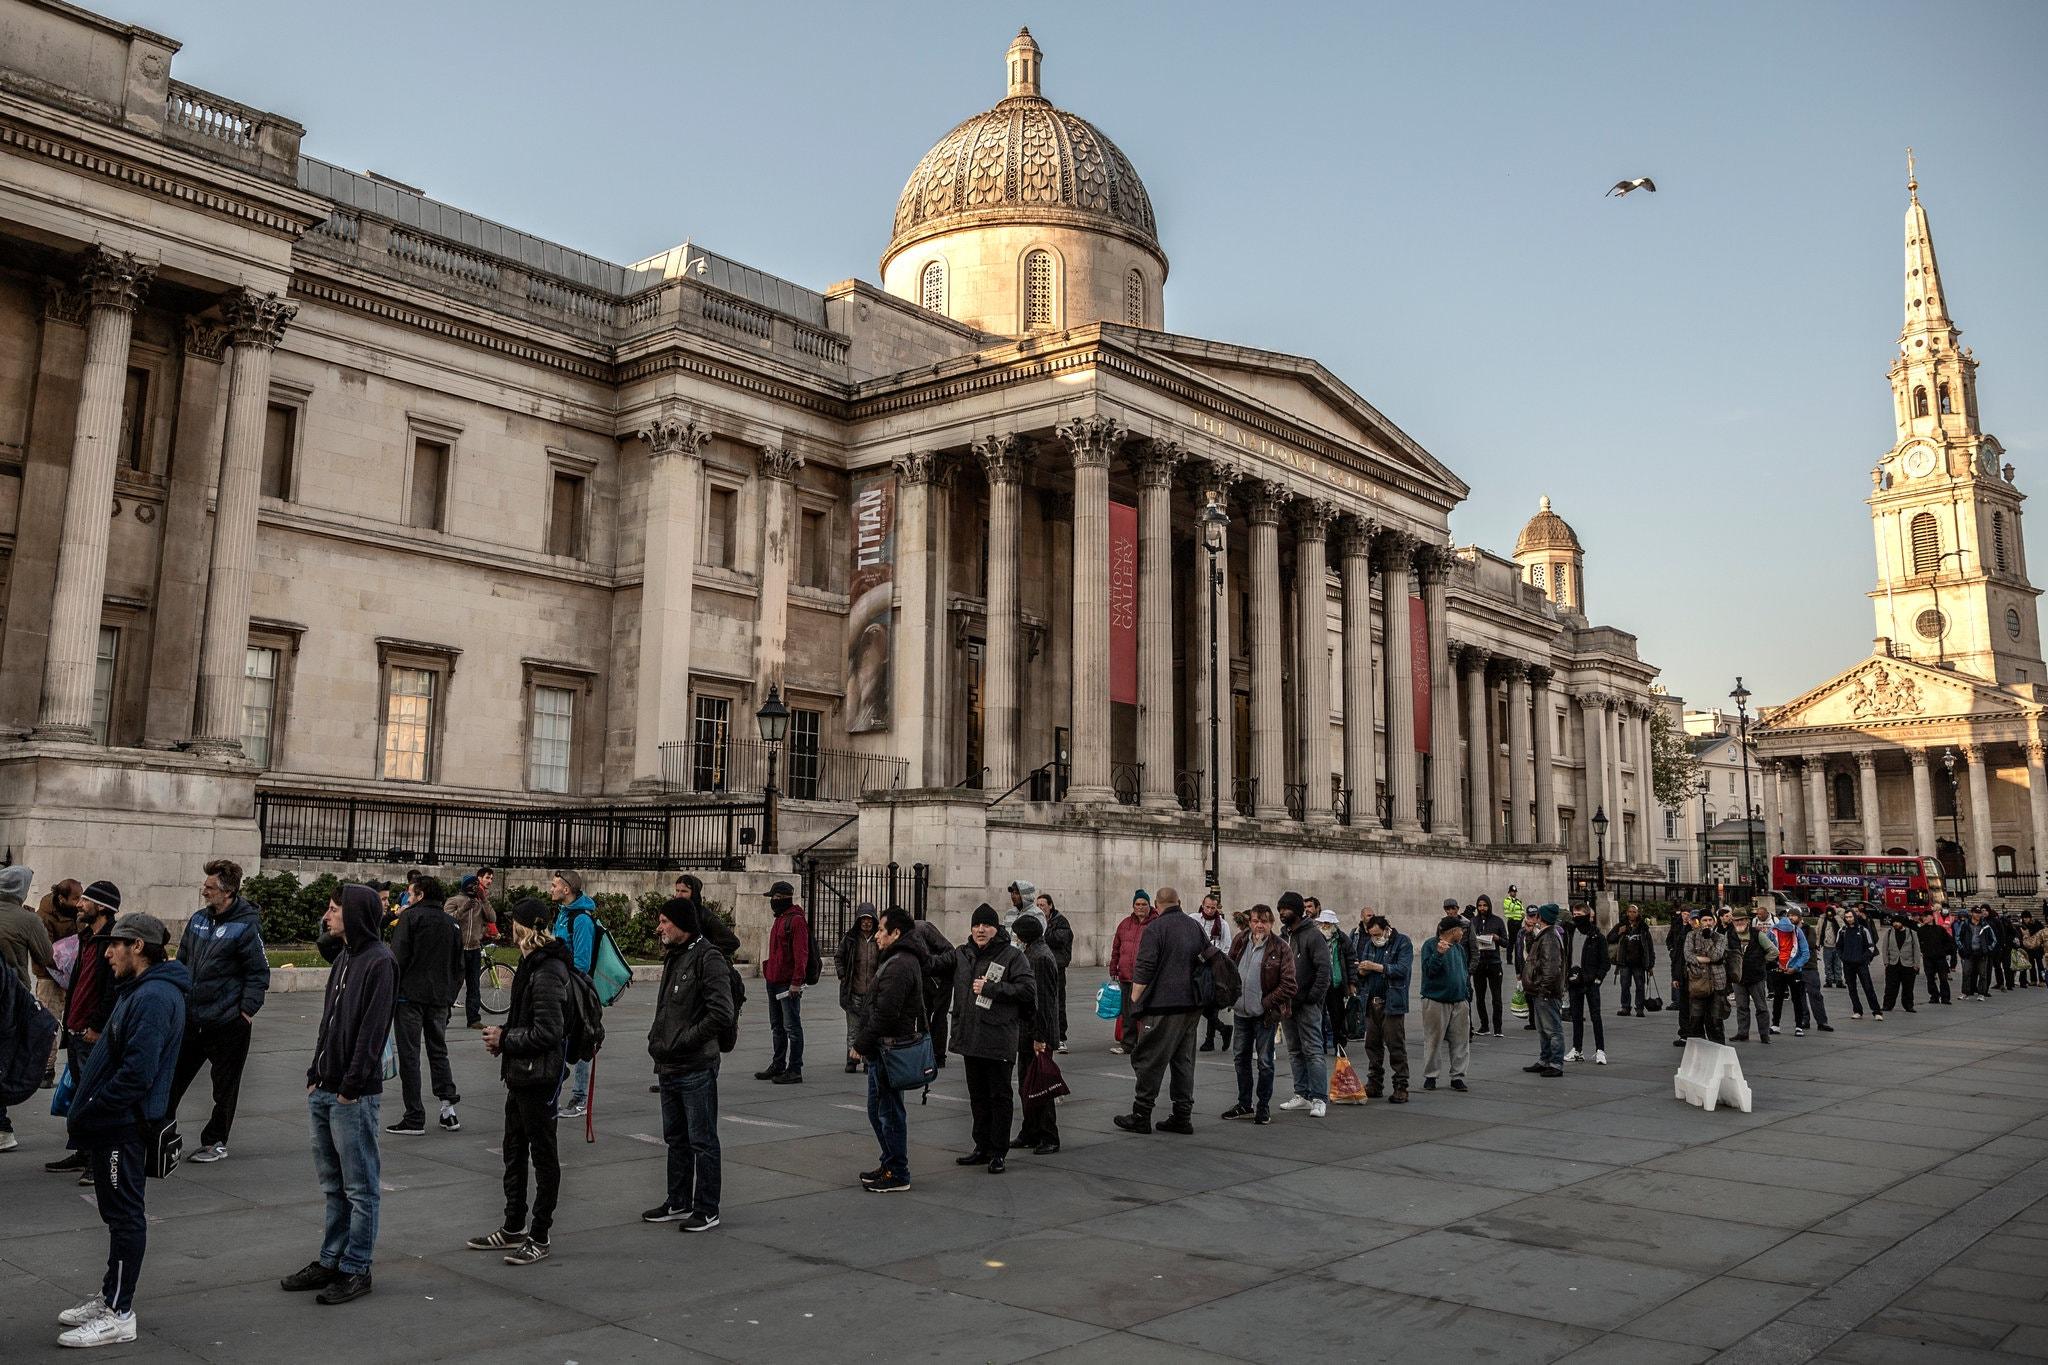 Những người vô gia cư và người khác xếp hàng nhận đồ ăn miễn phí tại Quảng trường Trafalgar ở London tháng 4/2020. Ảnh: Nytimes.